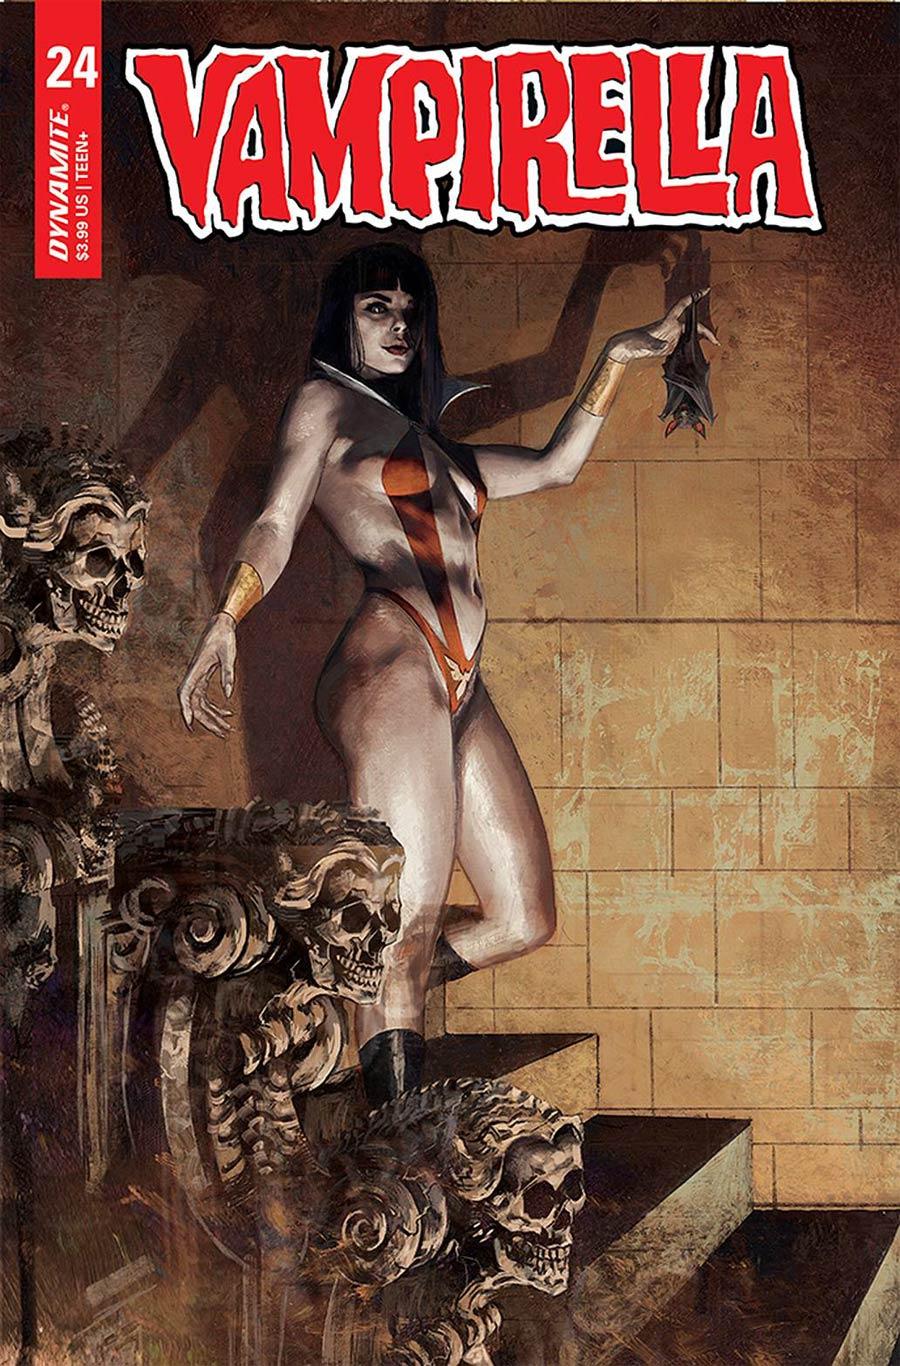 Vampirella Vol 8 #24 Cover B Variant Marco Mastrazzo Cover